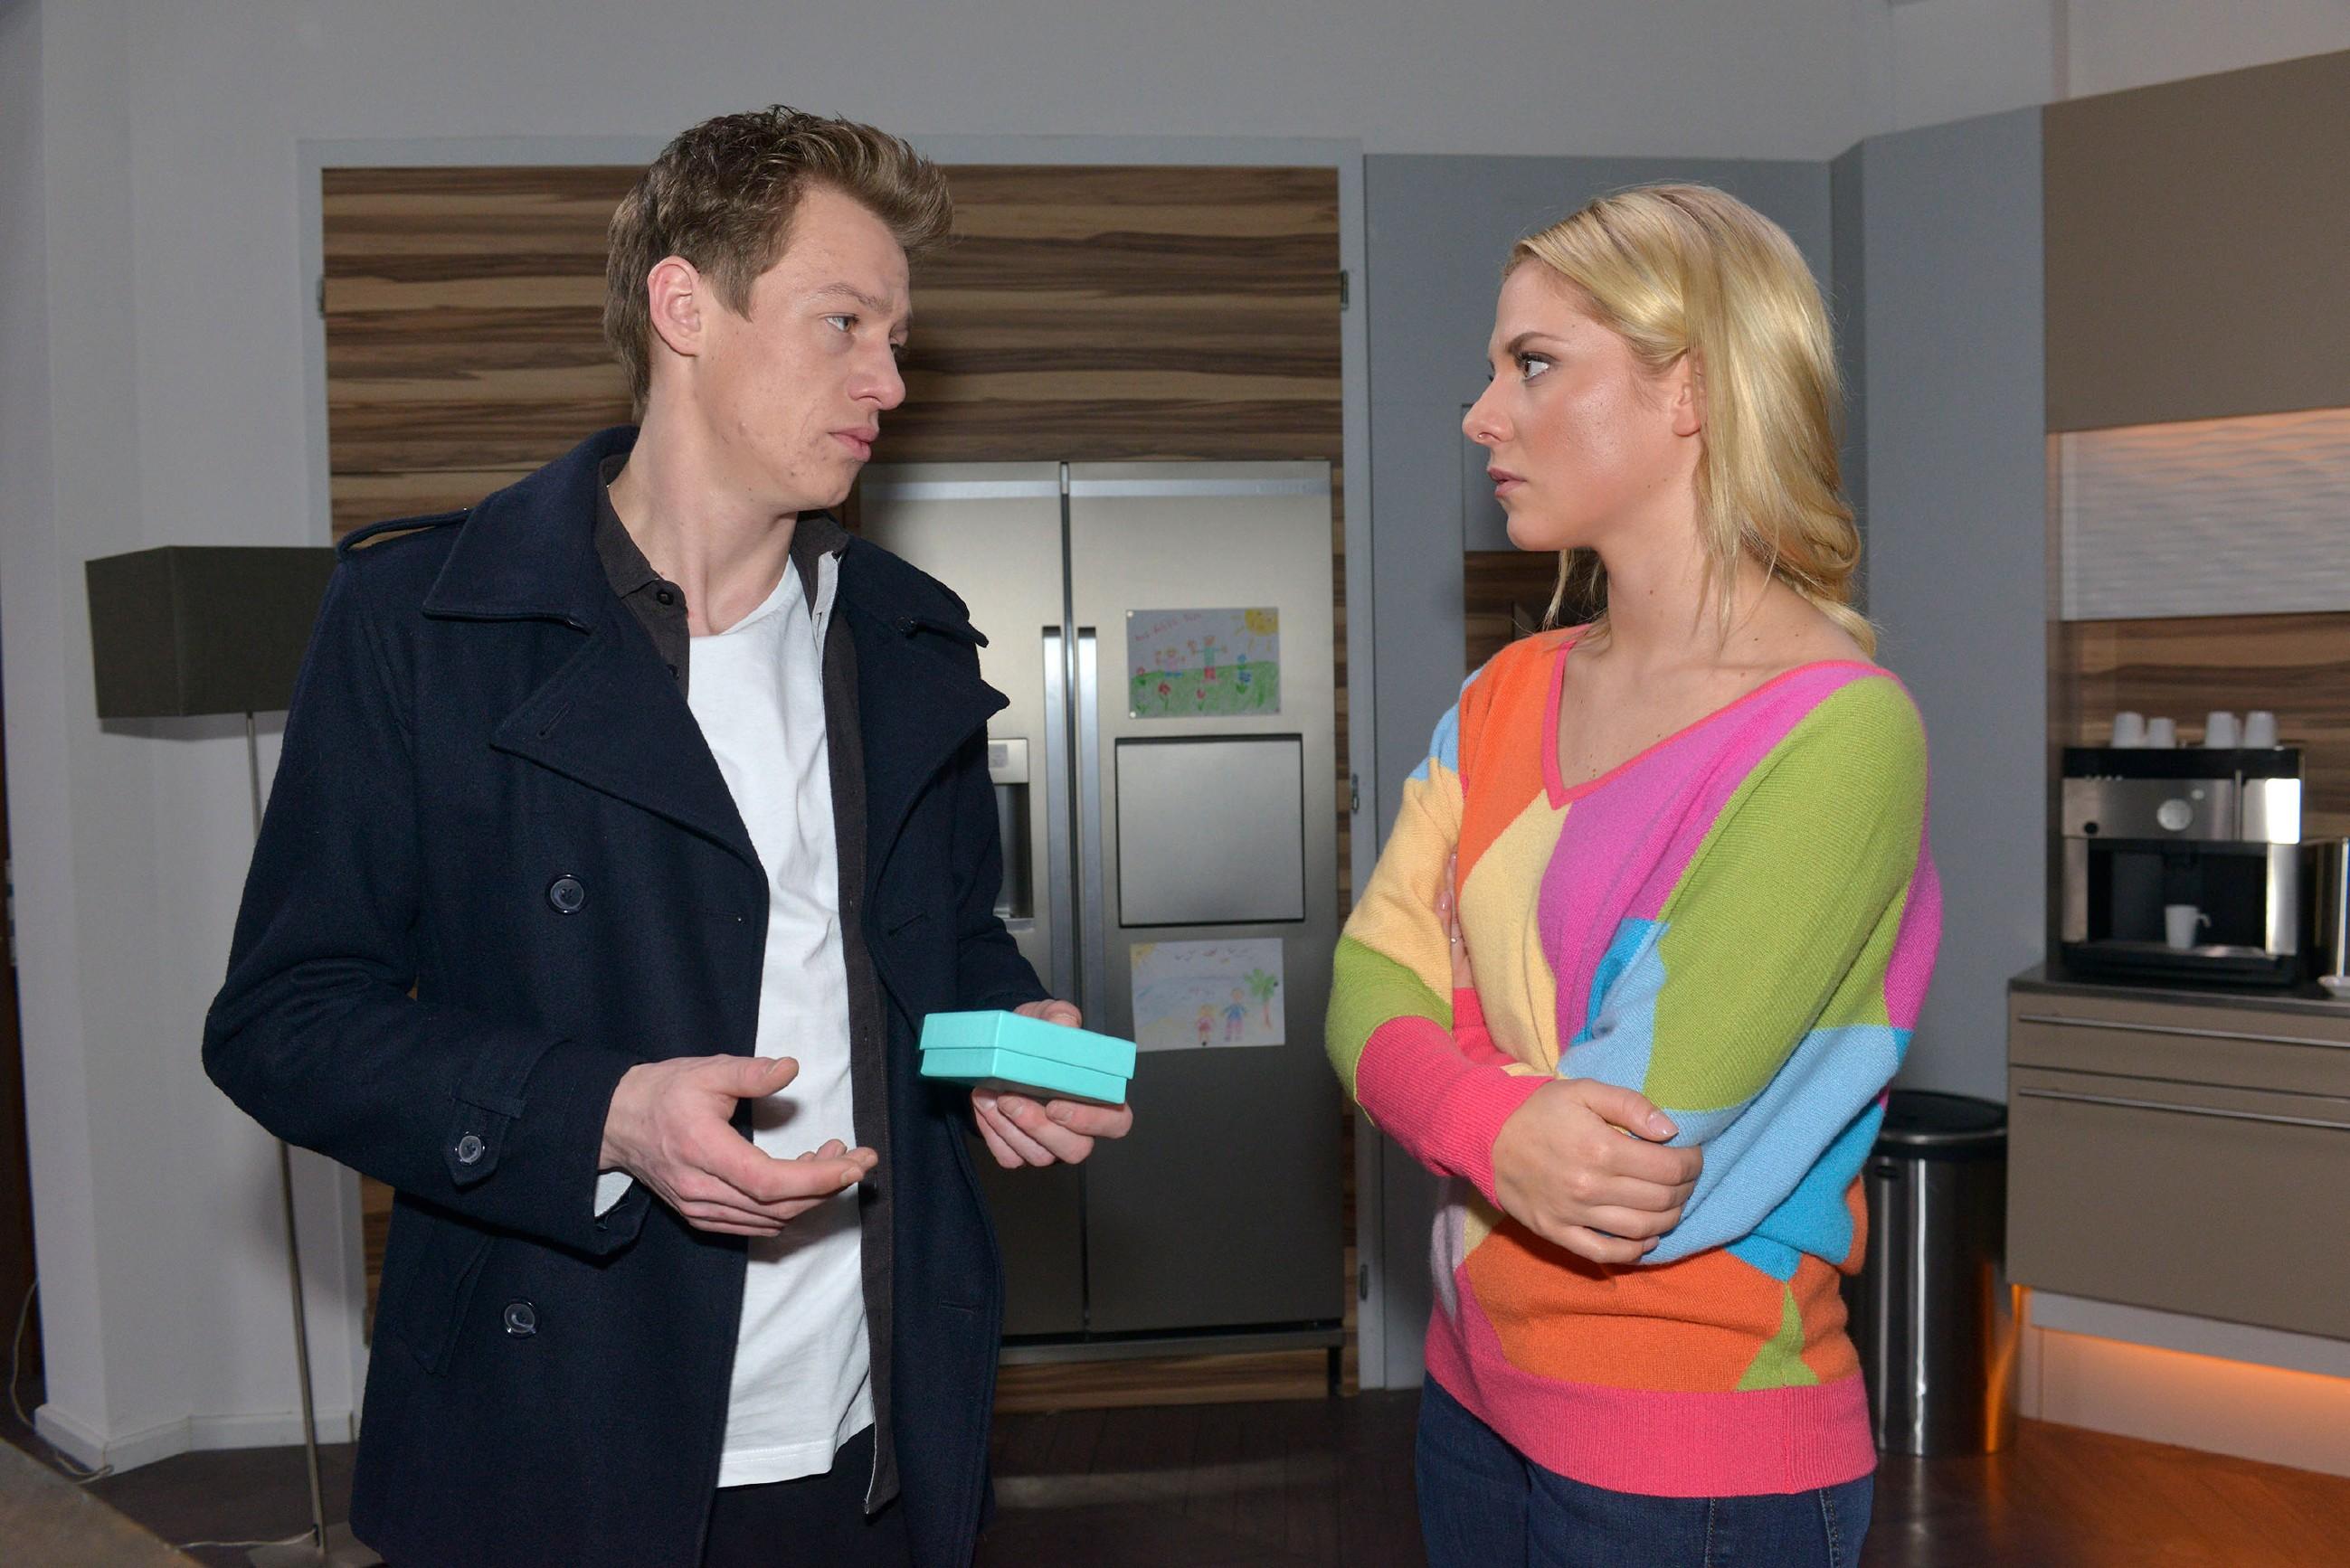 """Obwohl Vince (Vincent Krüger) sich aufrichtig bei Sunny (Valentina Pahde) entschuldigt und sie das auch zu schätzen weiß, vermisst sie den """"alten"""" Vince und besteht auf die Auszeit."""